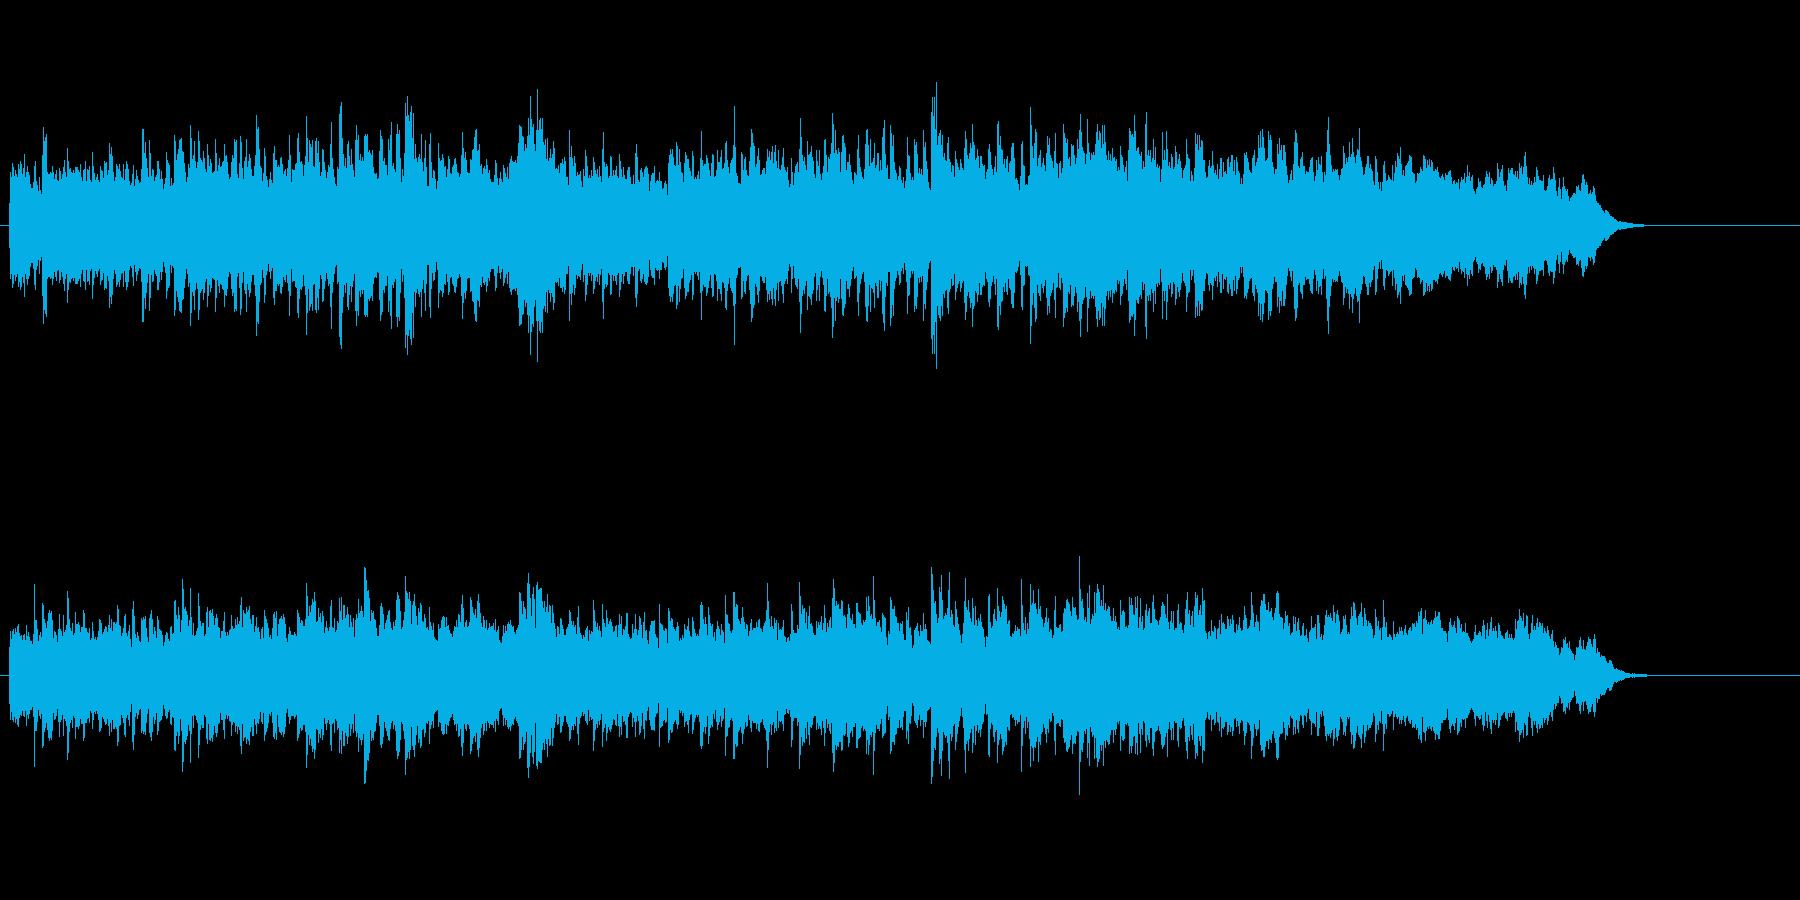 ミクロコスモス、満点の星空の下での再生済みの波形